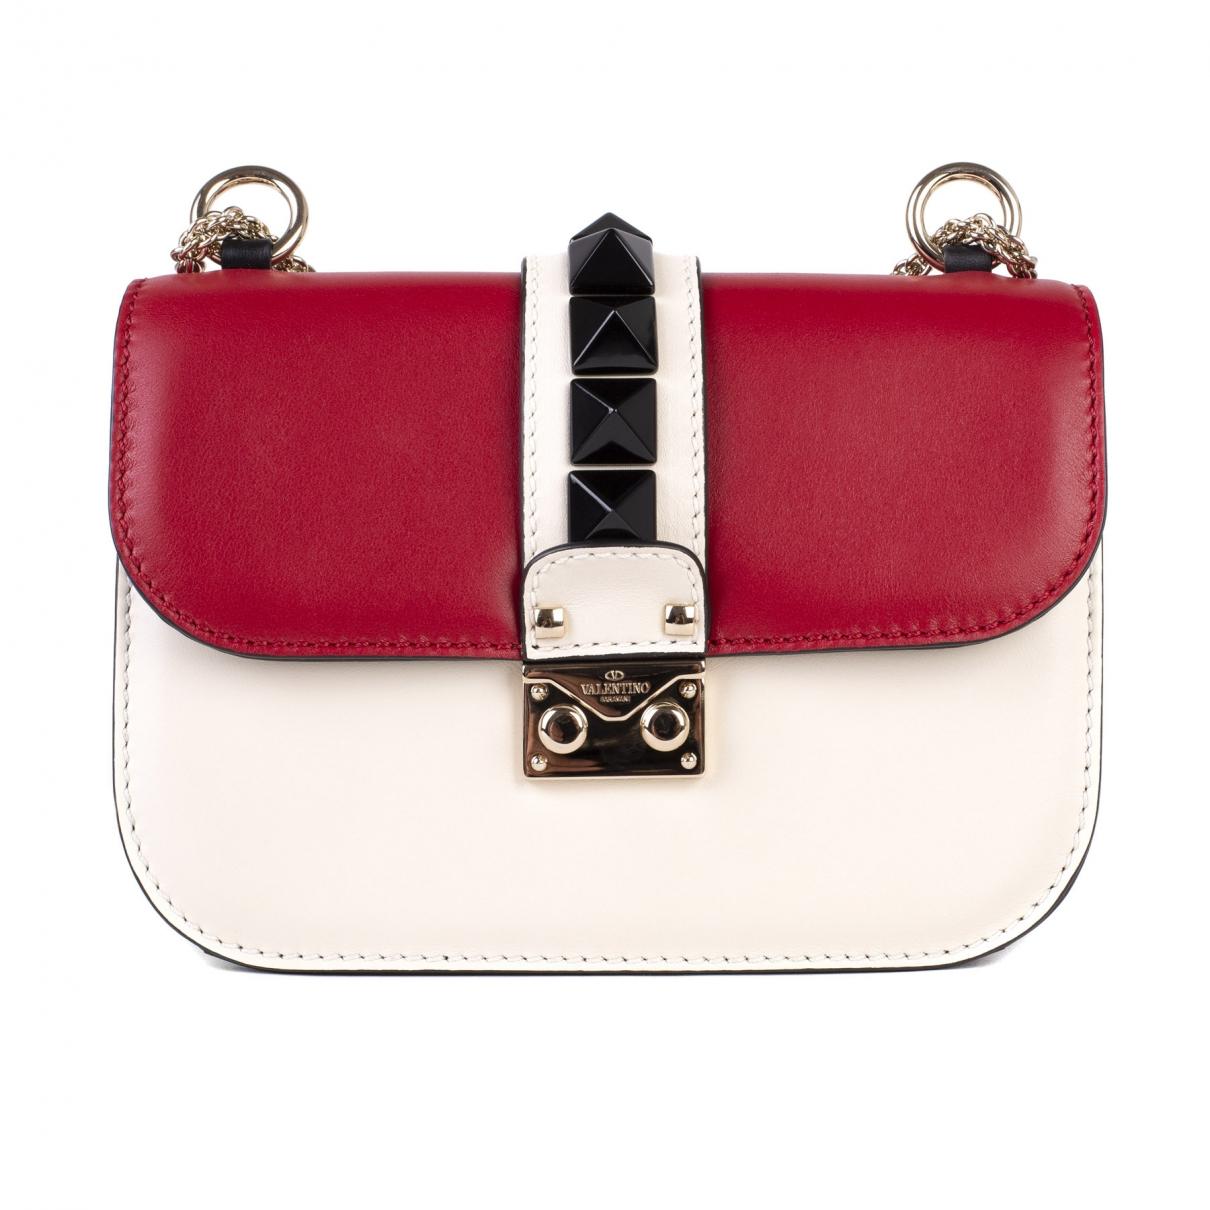 Valentino Garavani Glam Lock Handtasche in  Rot Leder